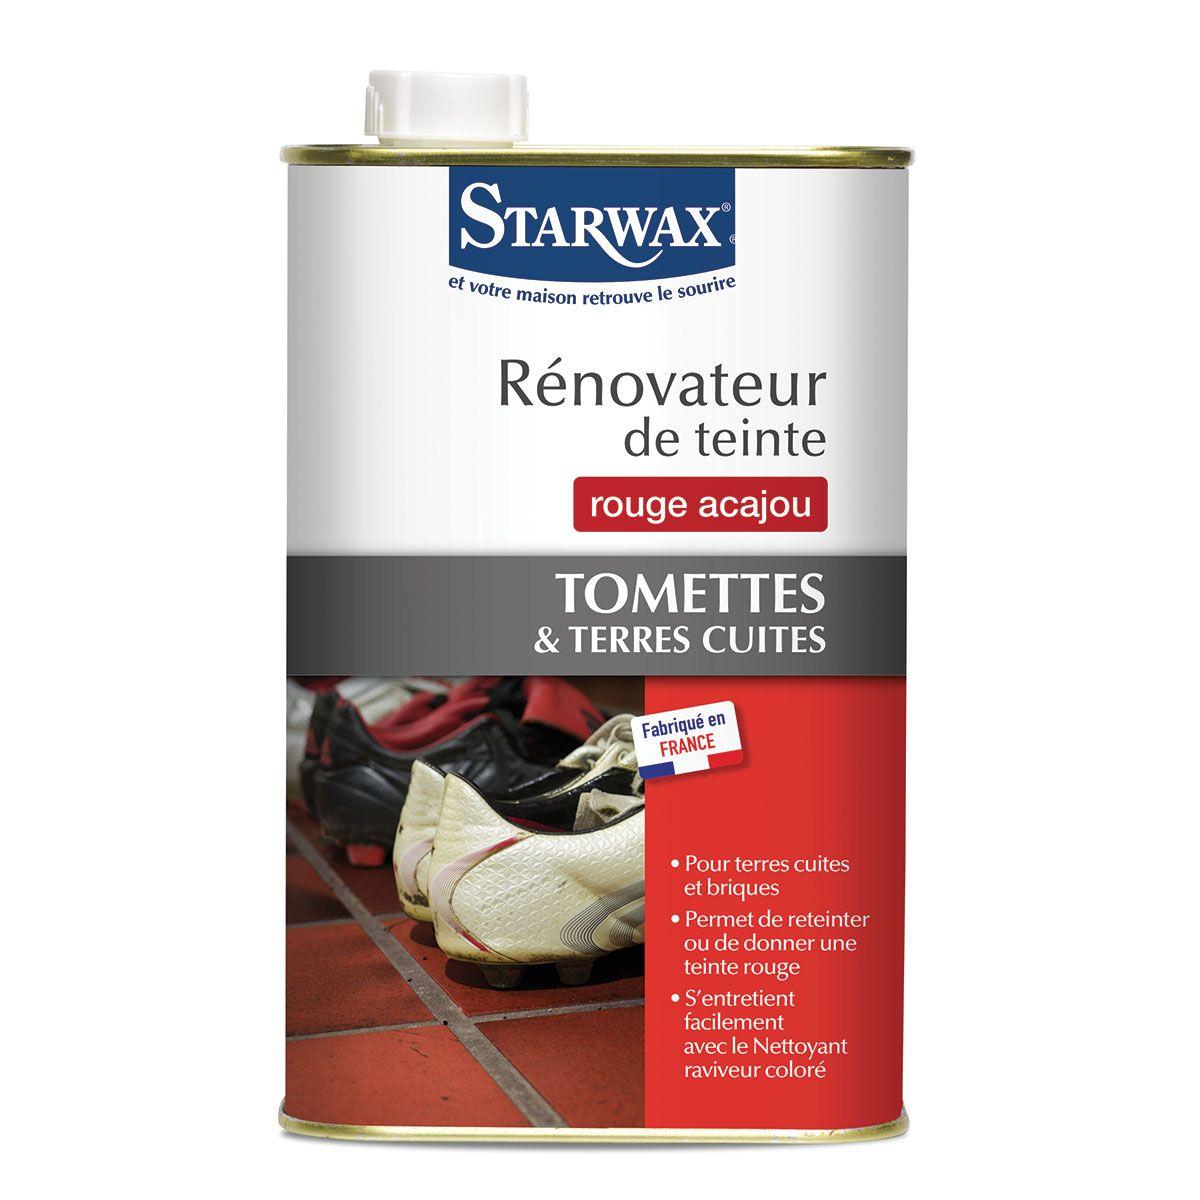 Rénovateur teinte tomettes terres cuites starwax